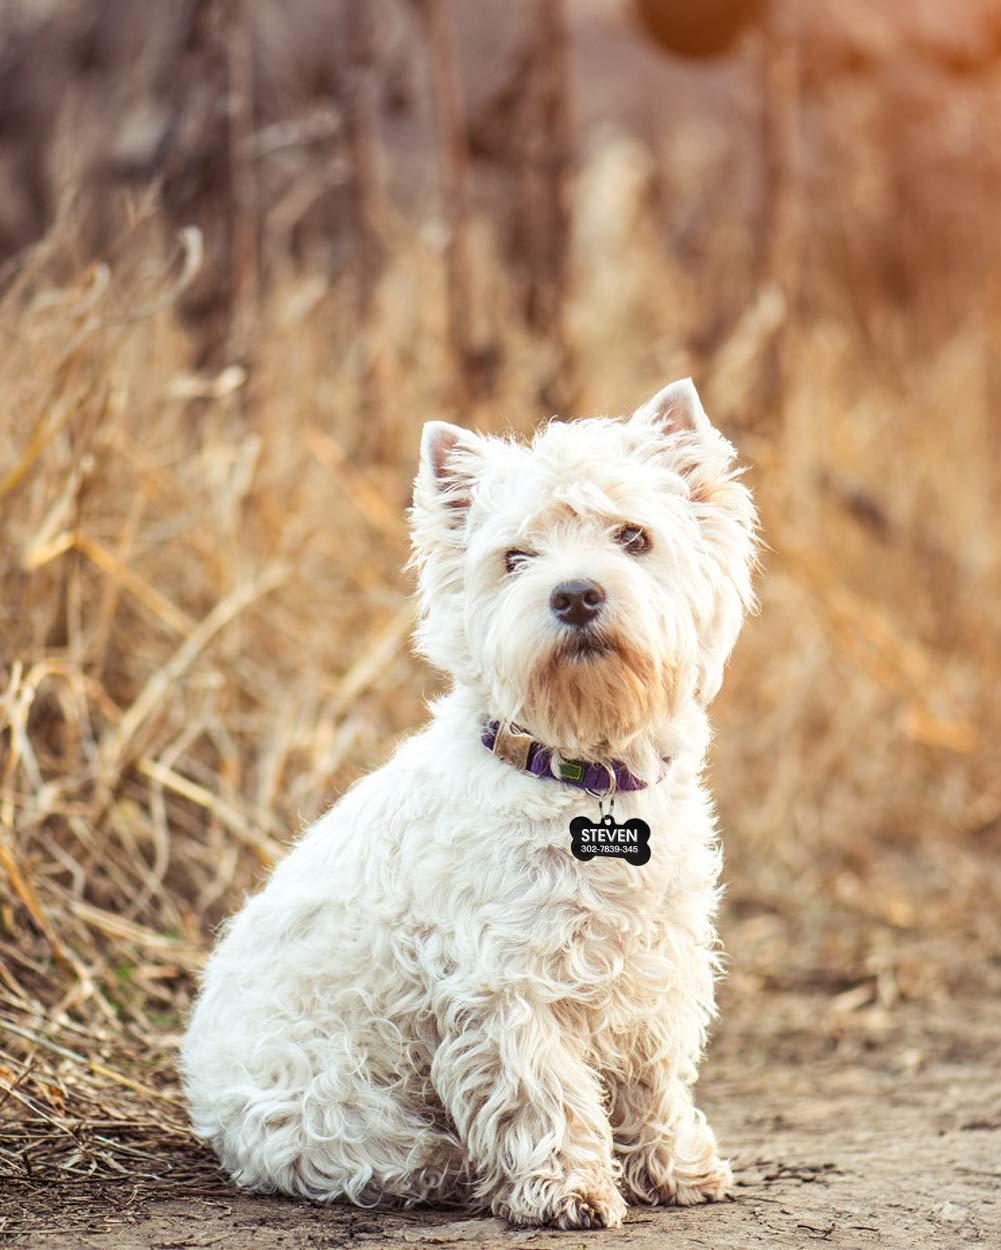 Joytale Medaglietta Cane con Incisione Personalizzata,Osso Targhetta Identificativa Fatto di Acciaio Inox,Adatto per Cani di Taglia Medio Grande Blu